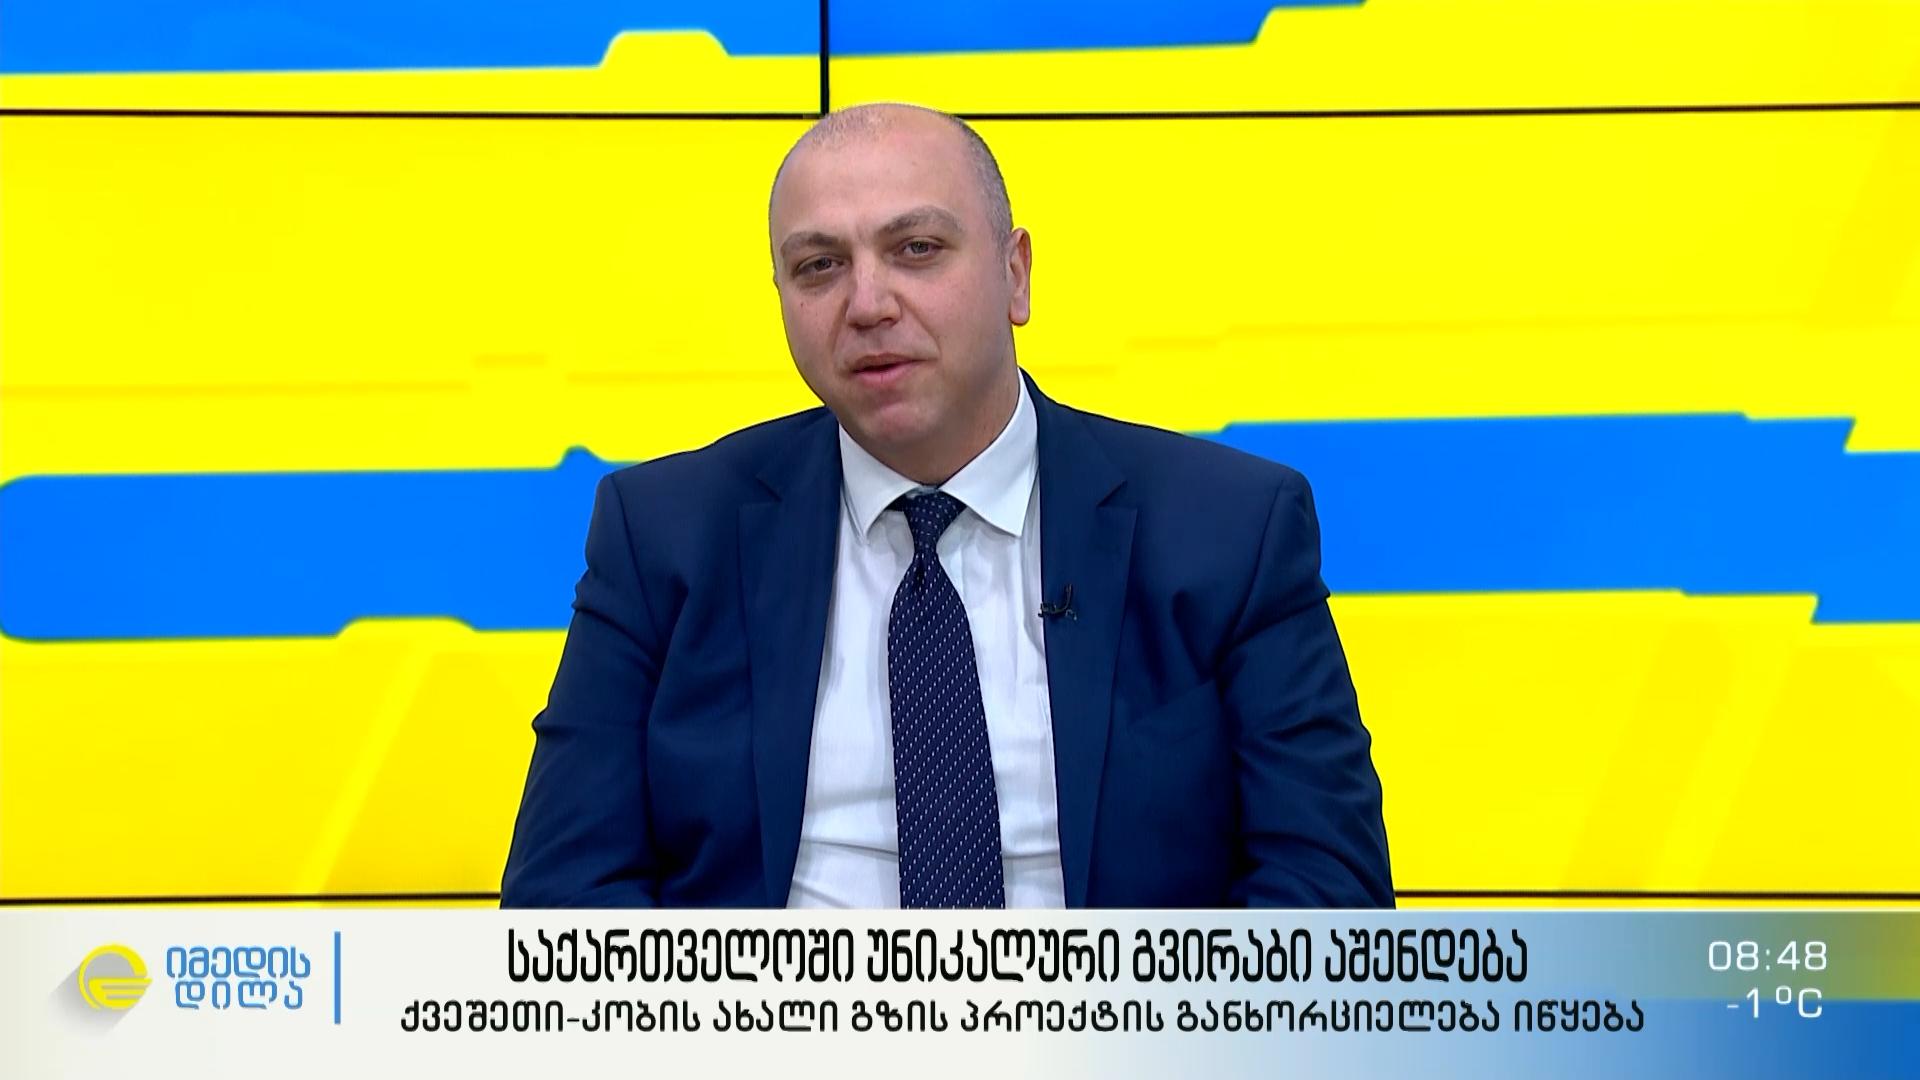 """საქართველოში უნიკალური გვირაბი აშენდება – იმედის დილა """"საქართველოს გზები"""""""